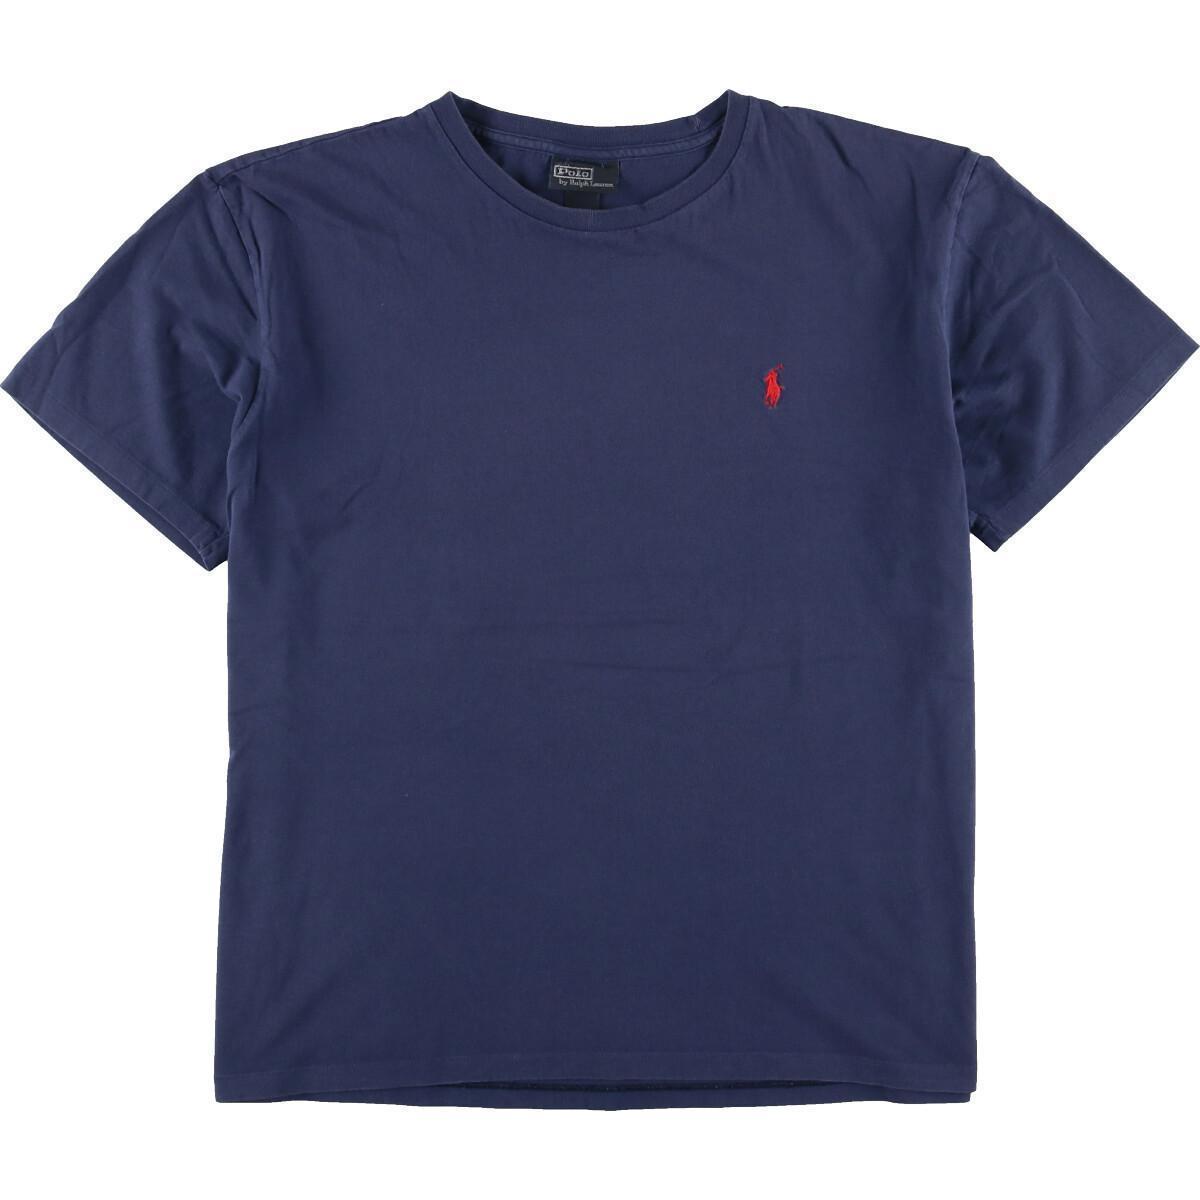 ラルフローレン Ralph Lauren POLO by Ralph Lauren 半袖 ワンポイントロゴTシャツ メンズL /eaa167039_画像1